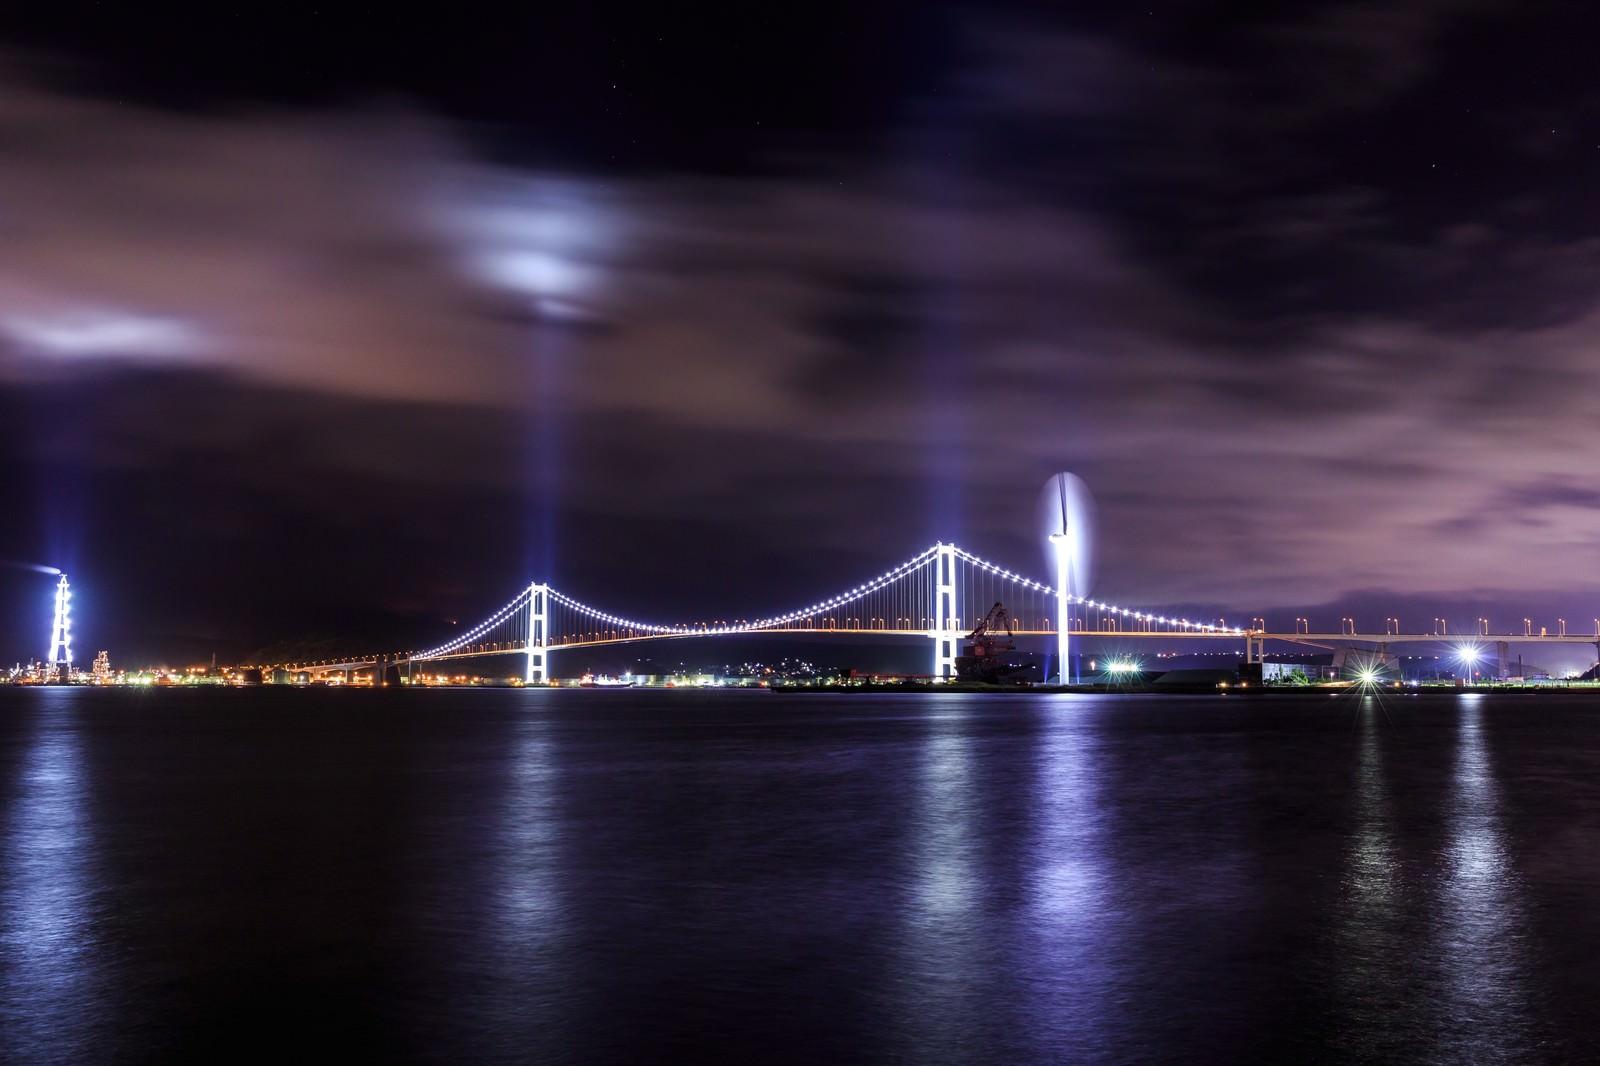 「室蘭白鳥大橋のライトアップ(夜景)」の写真